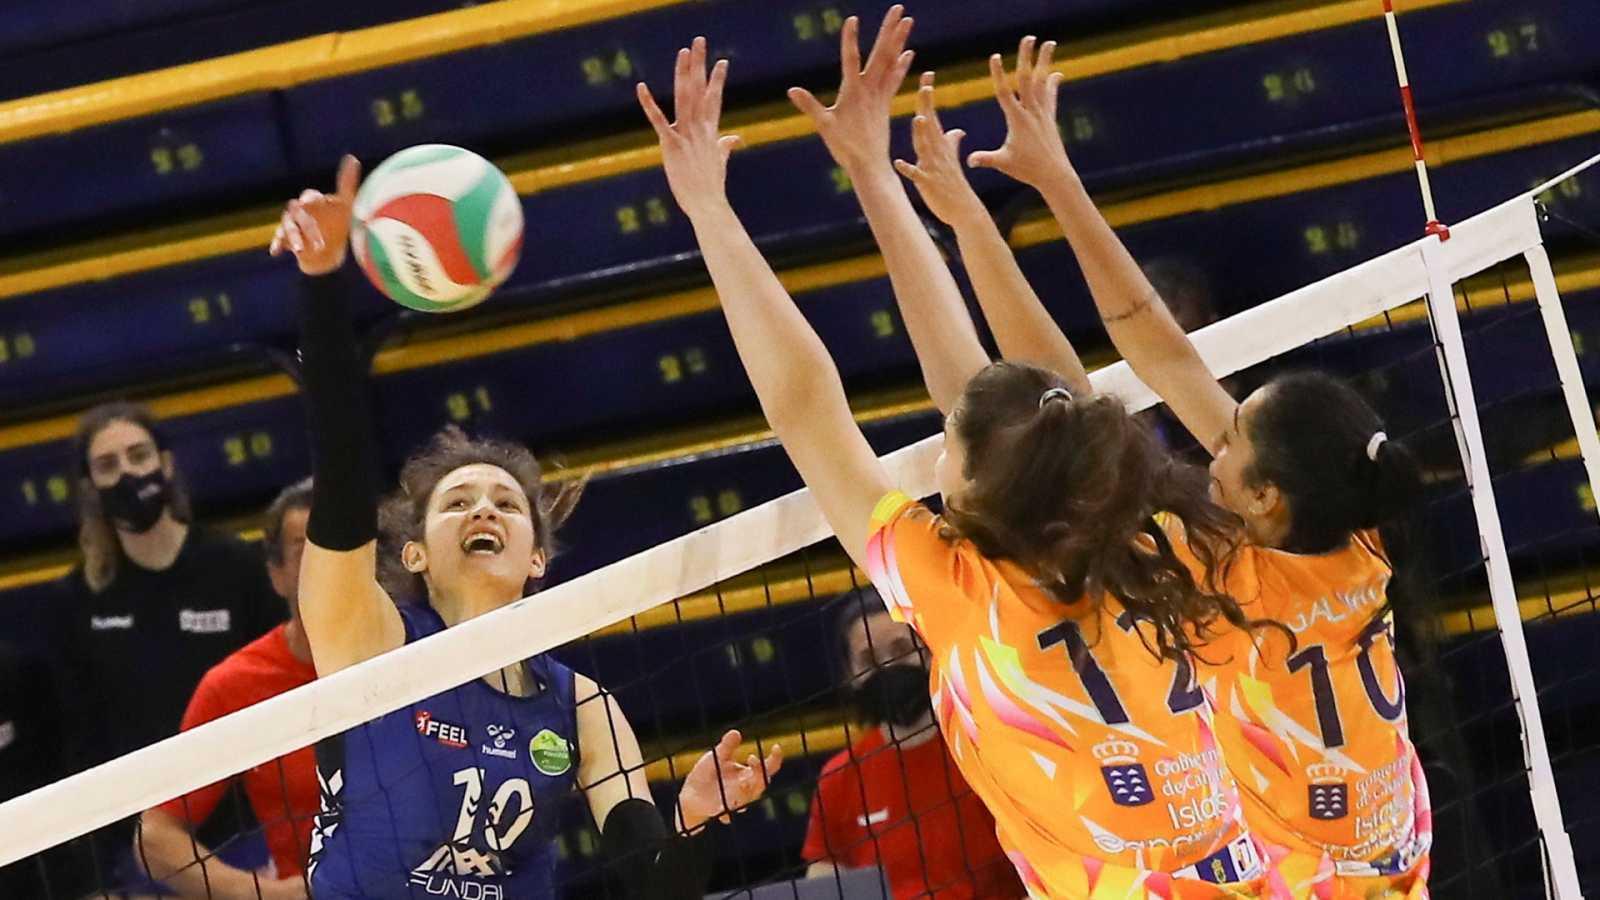 Voleibol - Copa de la Reina. Final: CV CCO 7 Palmas - Feel Volley Alcobendas - ver ahora